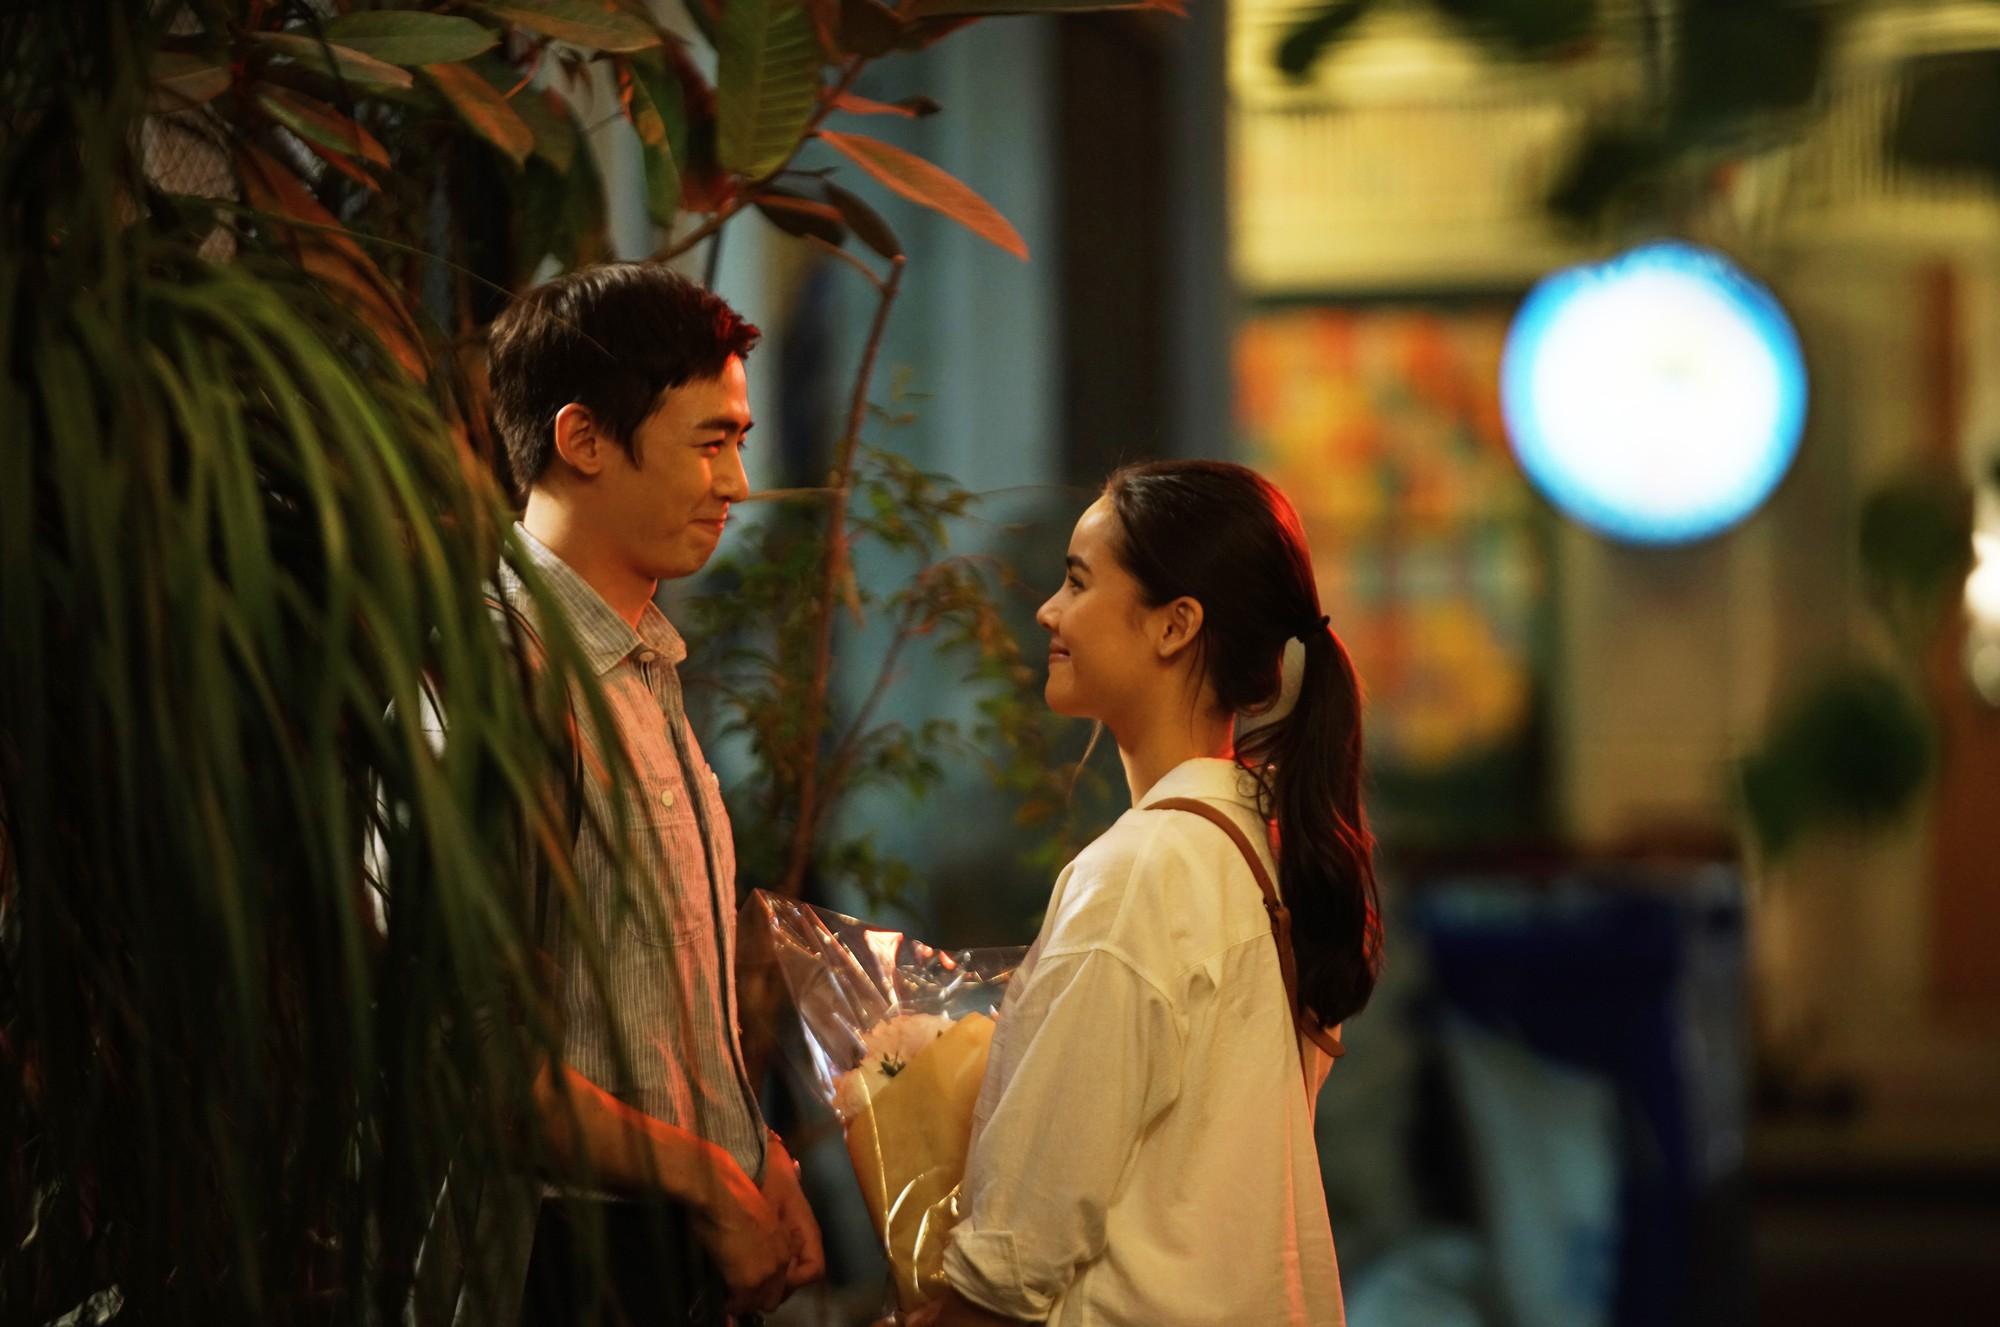 Ông Anh Trời Đánh và cú lừa mặn chát của điện ảnh Thái Lan - Ảnh 6.